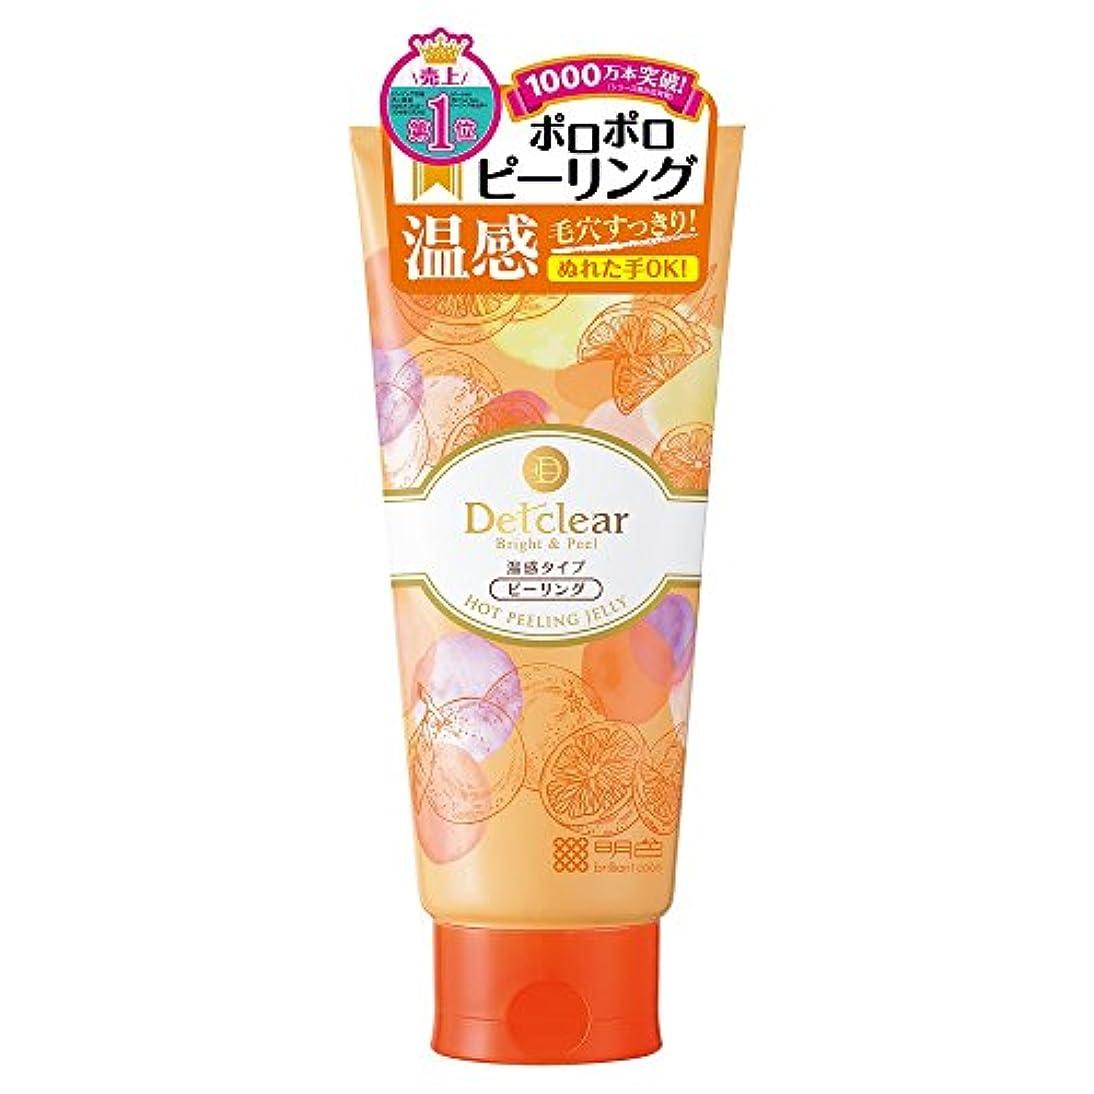 最初は遠えユーモラスDETクリア ブライト&ピール ピーリングジェリー <ホット> 180g (日本製) 天然オレンジの香り